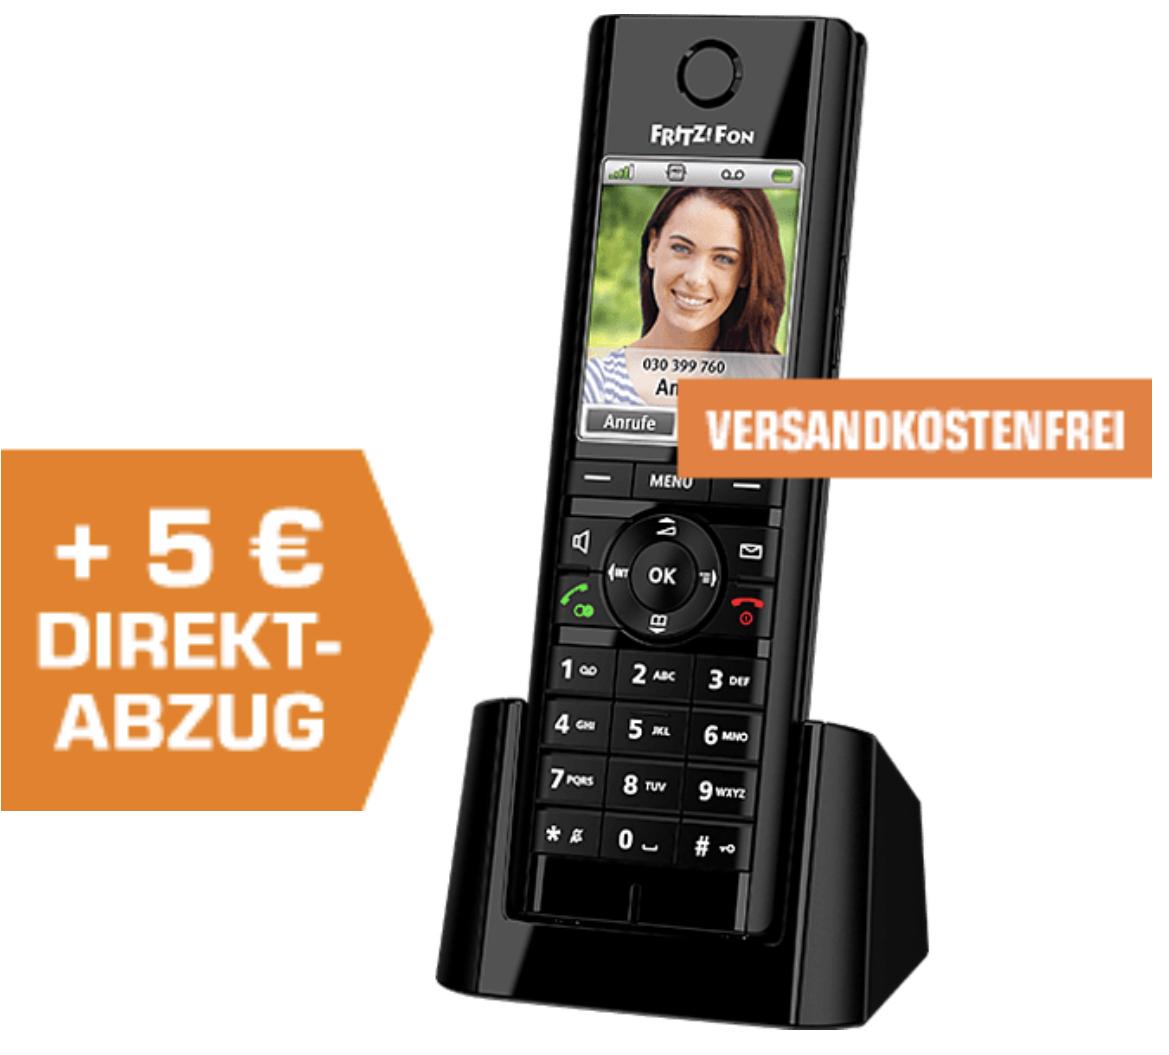 AVM FRITZ!Fon C5 schnurloses DECT Telefon für 49,99€ inkl. Versandkosten / 2 Stück für 90,98€ möglich!